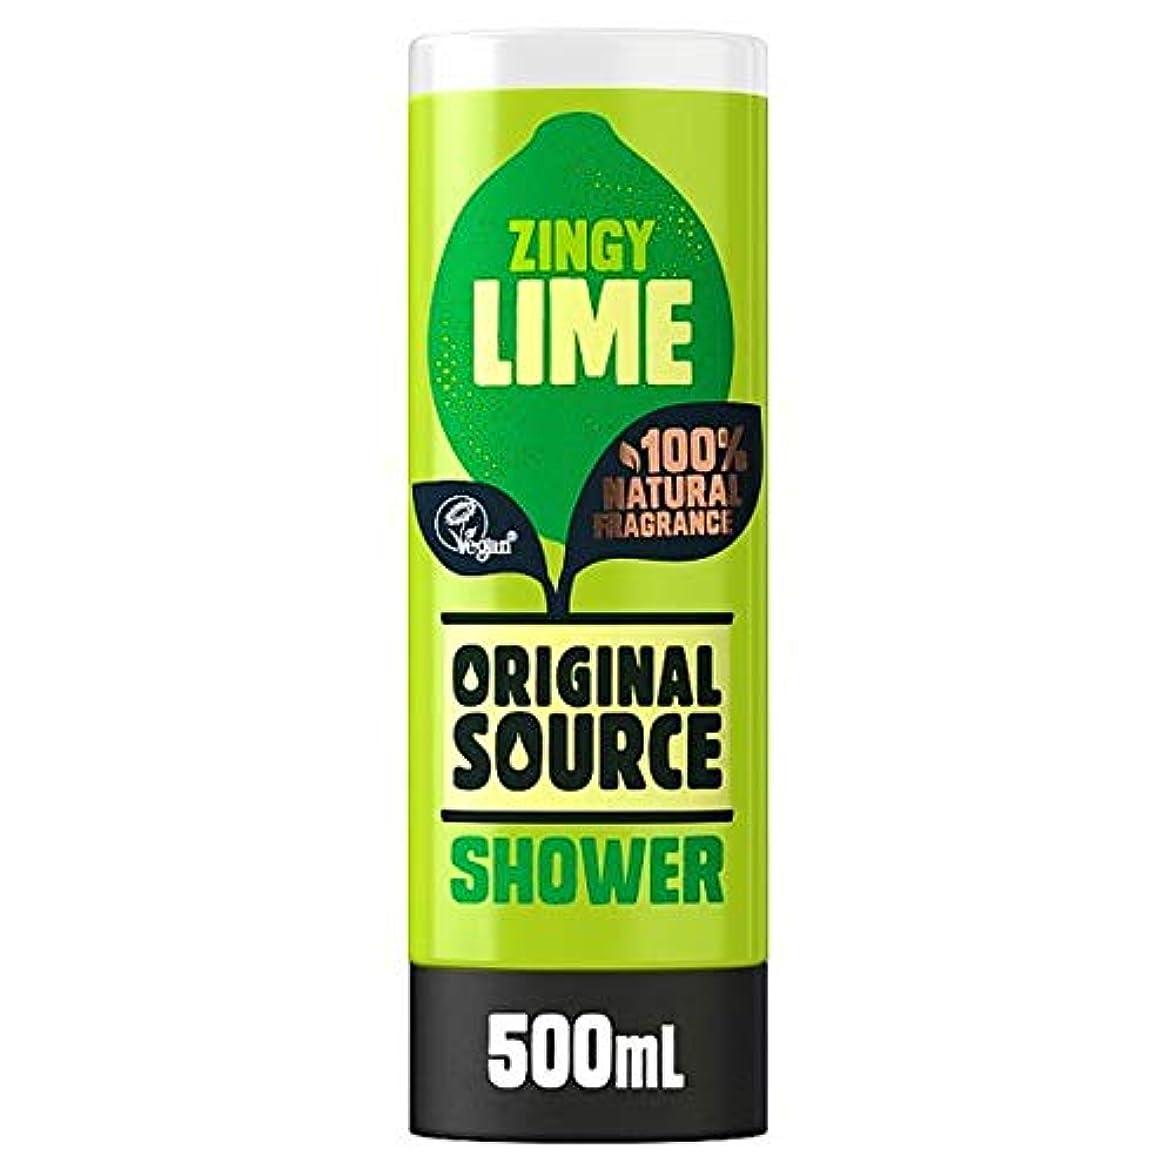 予防接種するビジネス不均一[Original Source ] 元のソースライムシャワージェル500ミリリットル - Original Source Lime Shower Gel 500Ml [並行輸入品]